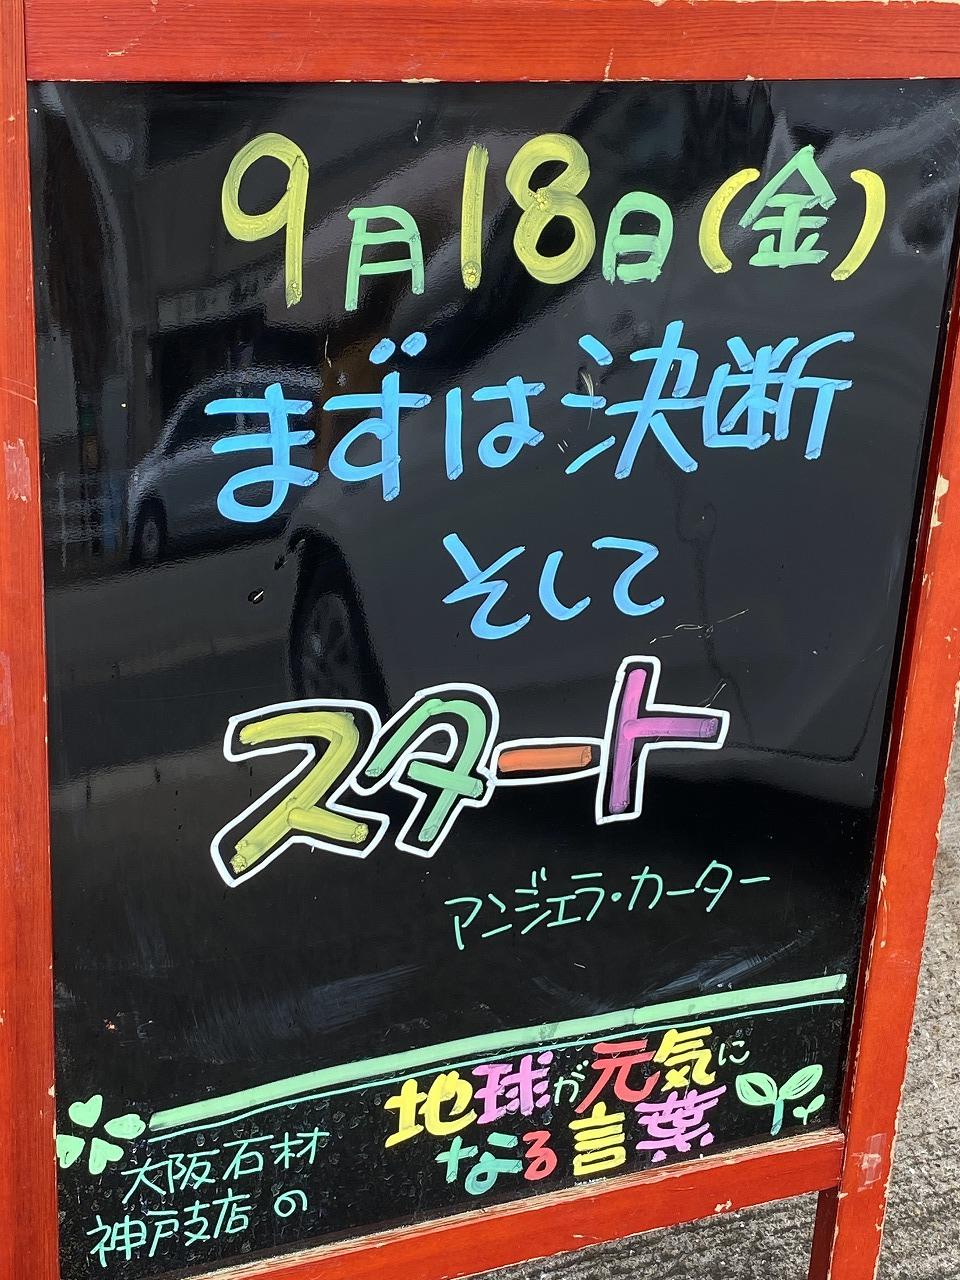 神戸市東灘区御影塚町にある石のお店 大阪石材神戸支店の店舗前にあるブラックボードのPOP「地球が元気になる言葉」9/18